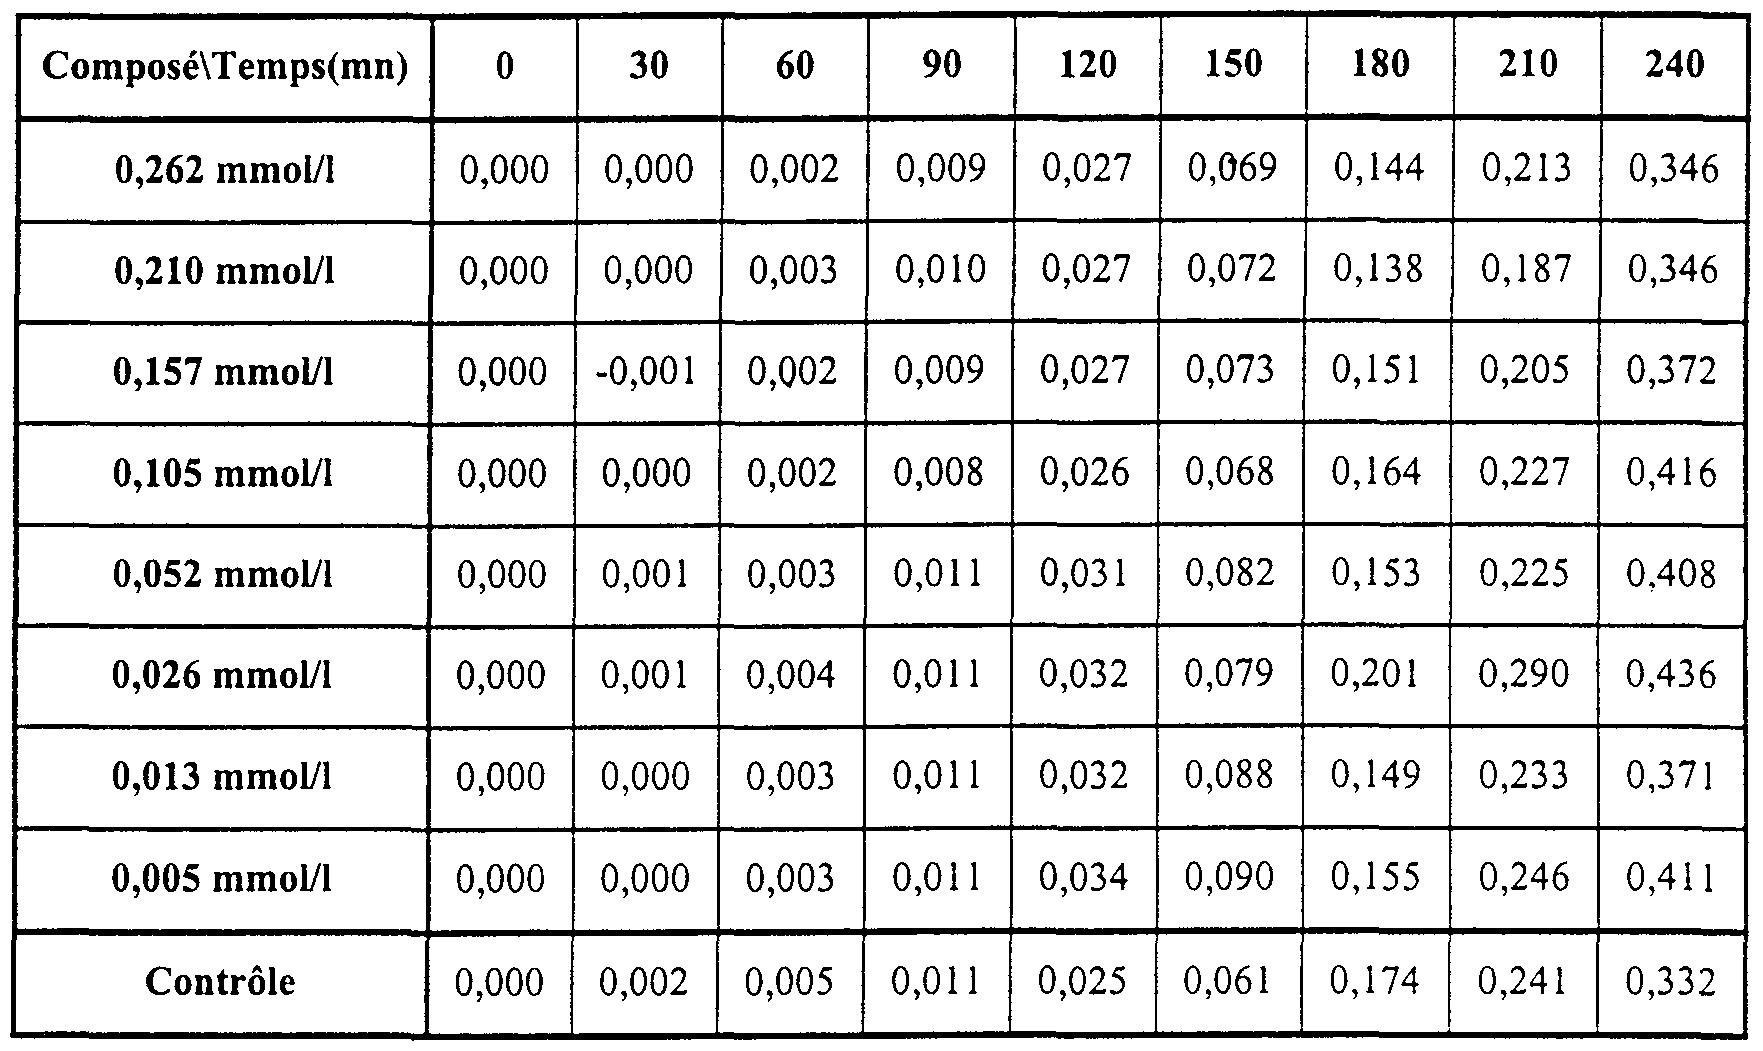 Tableau 4 : Valeurs numériques associées à la figure 3